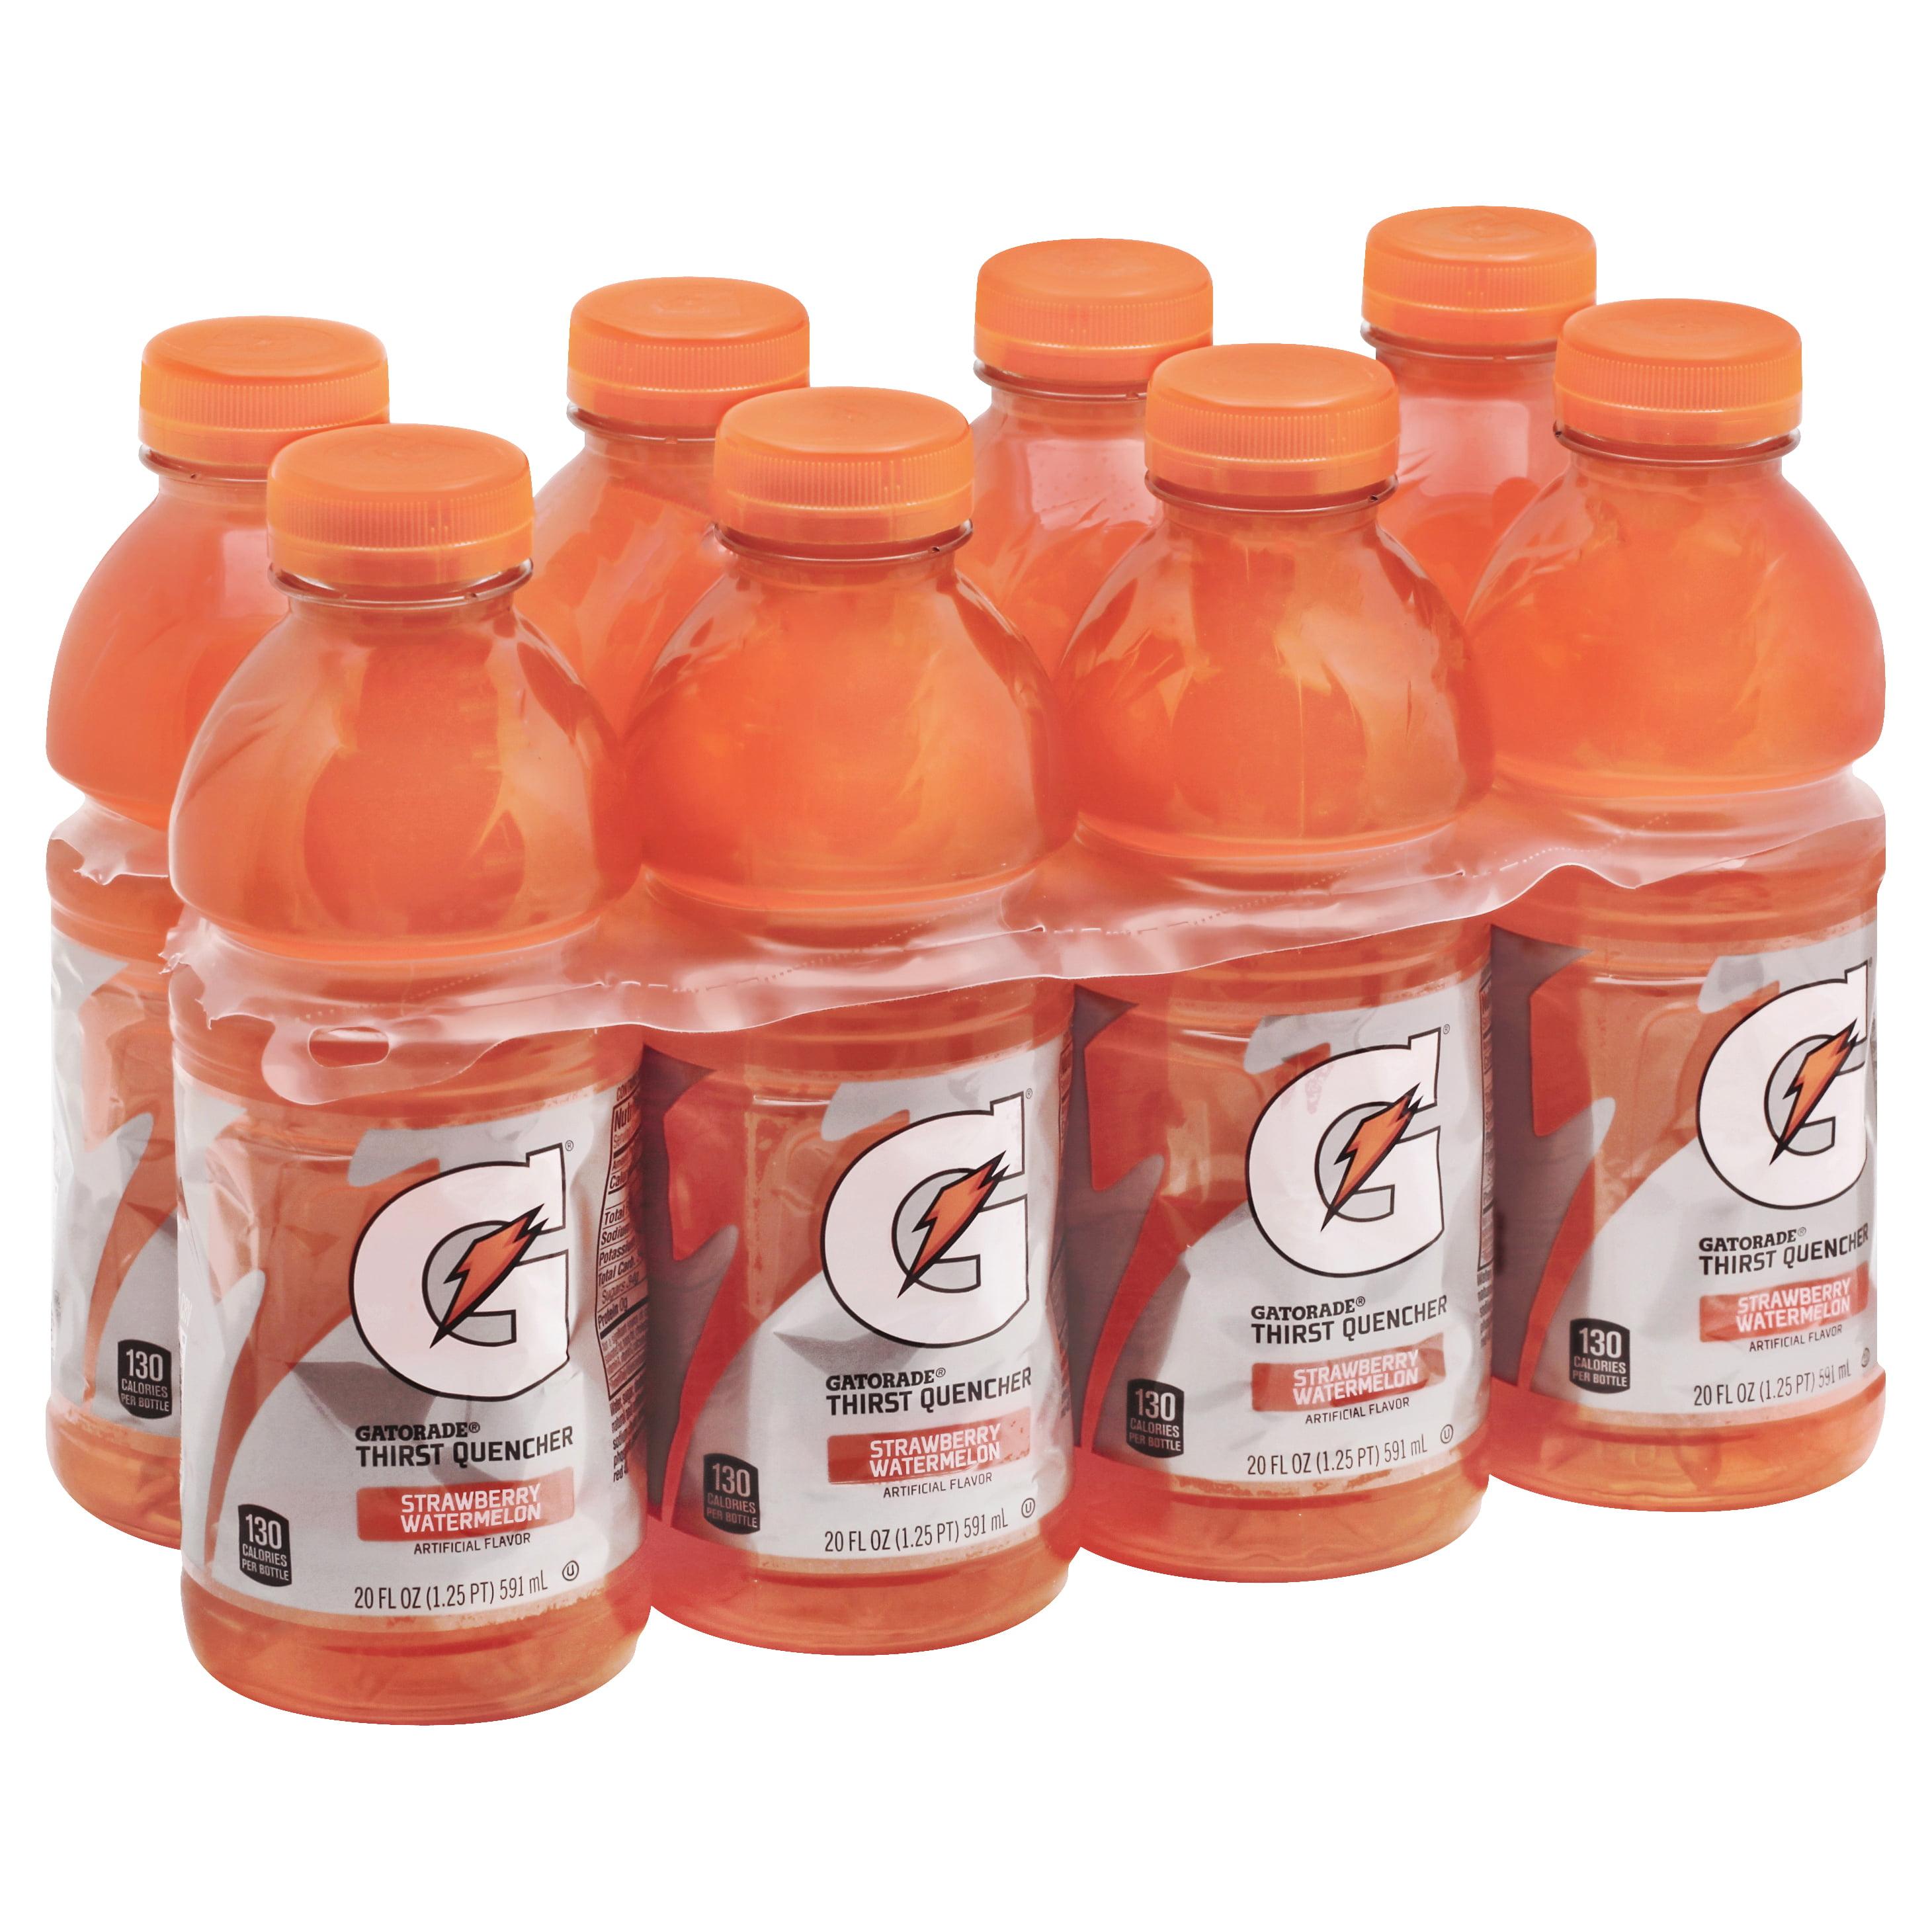 Gatorade Thirst Quencher Strawberry Watermelon Drink, 20 Fl. Oz., 8 Count